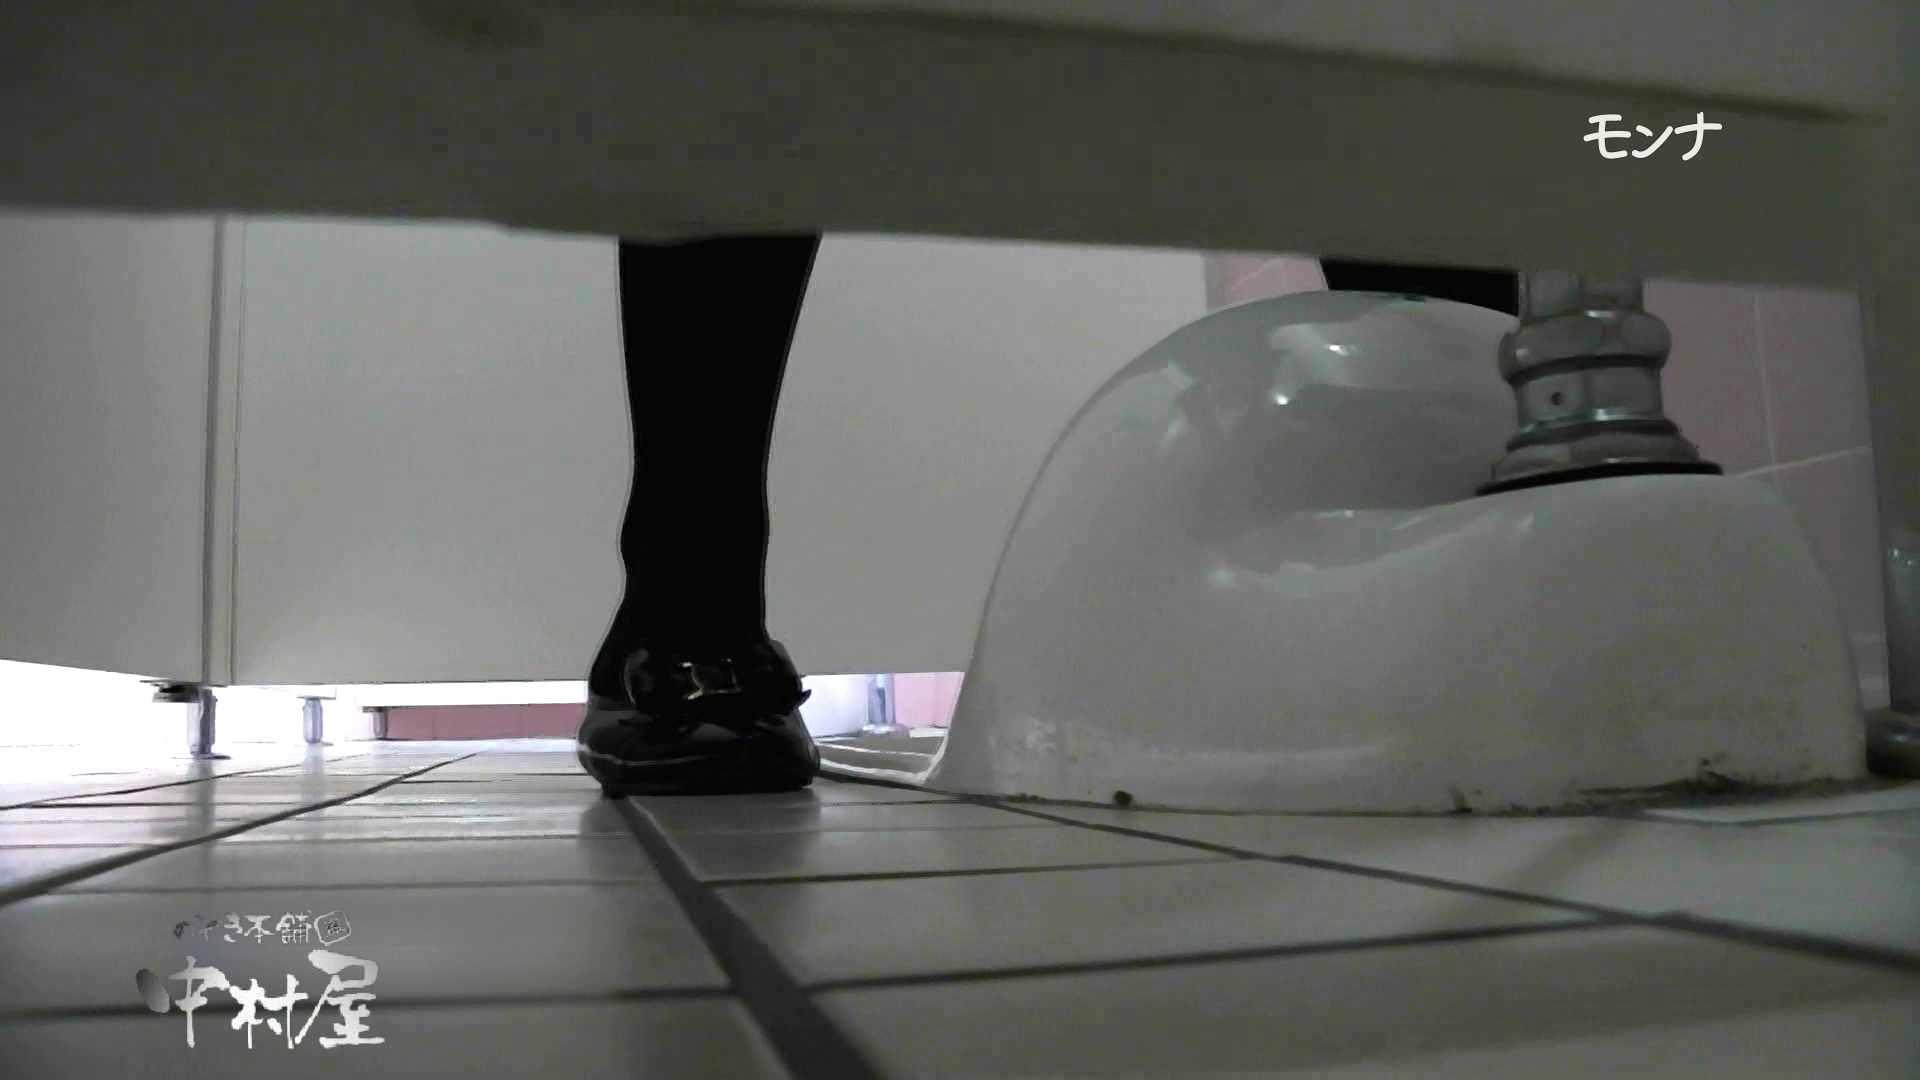 【美しい日本の未来】遂に!!戸田恵梨香似の予告モデル登場ダッシュで「大」後編 Hなモデル  105pic 40